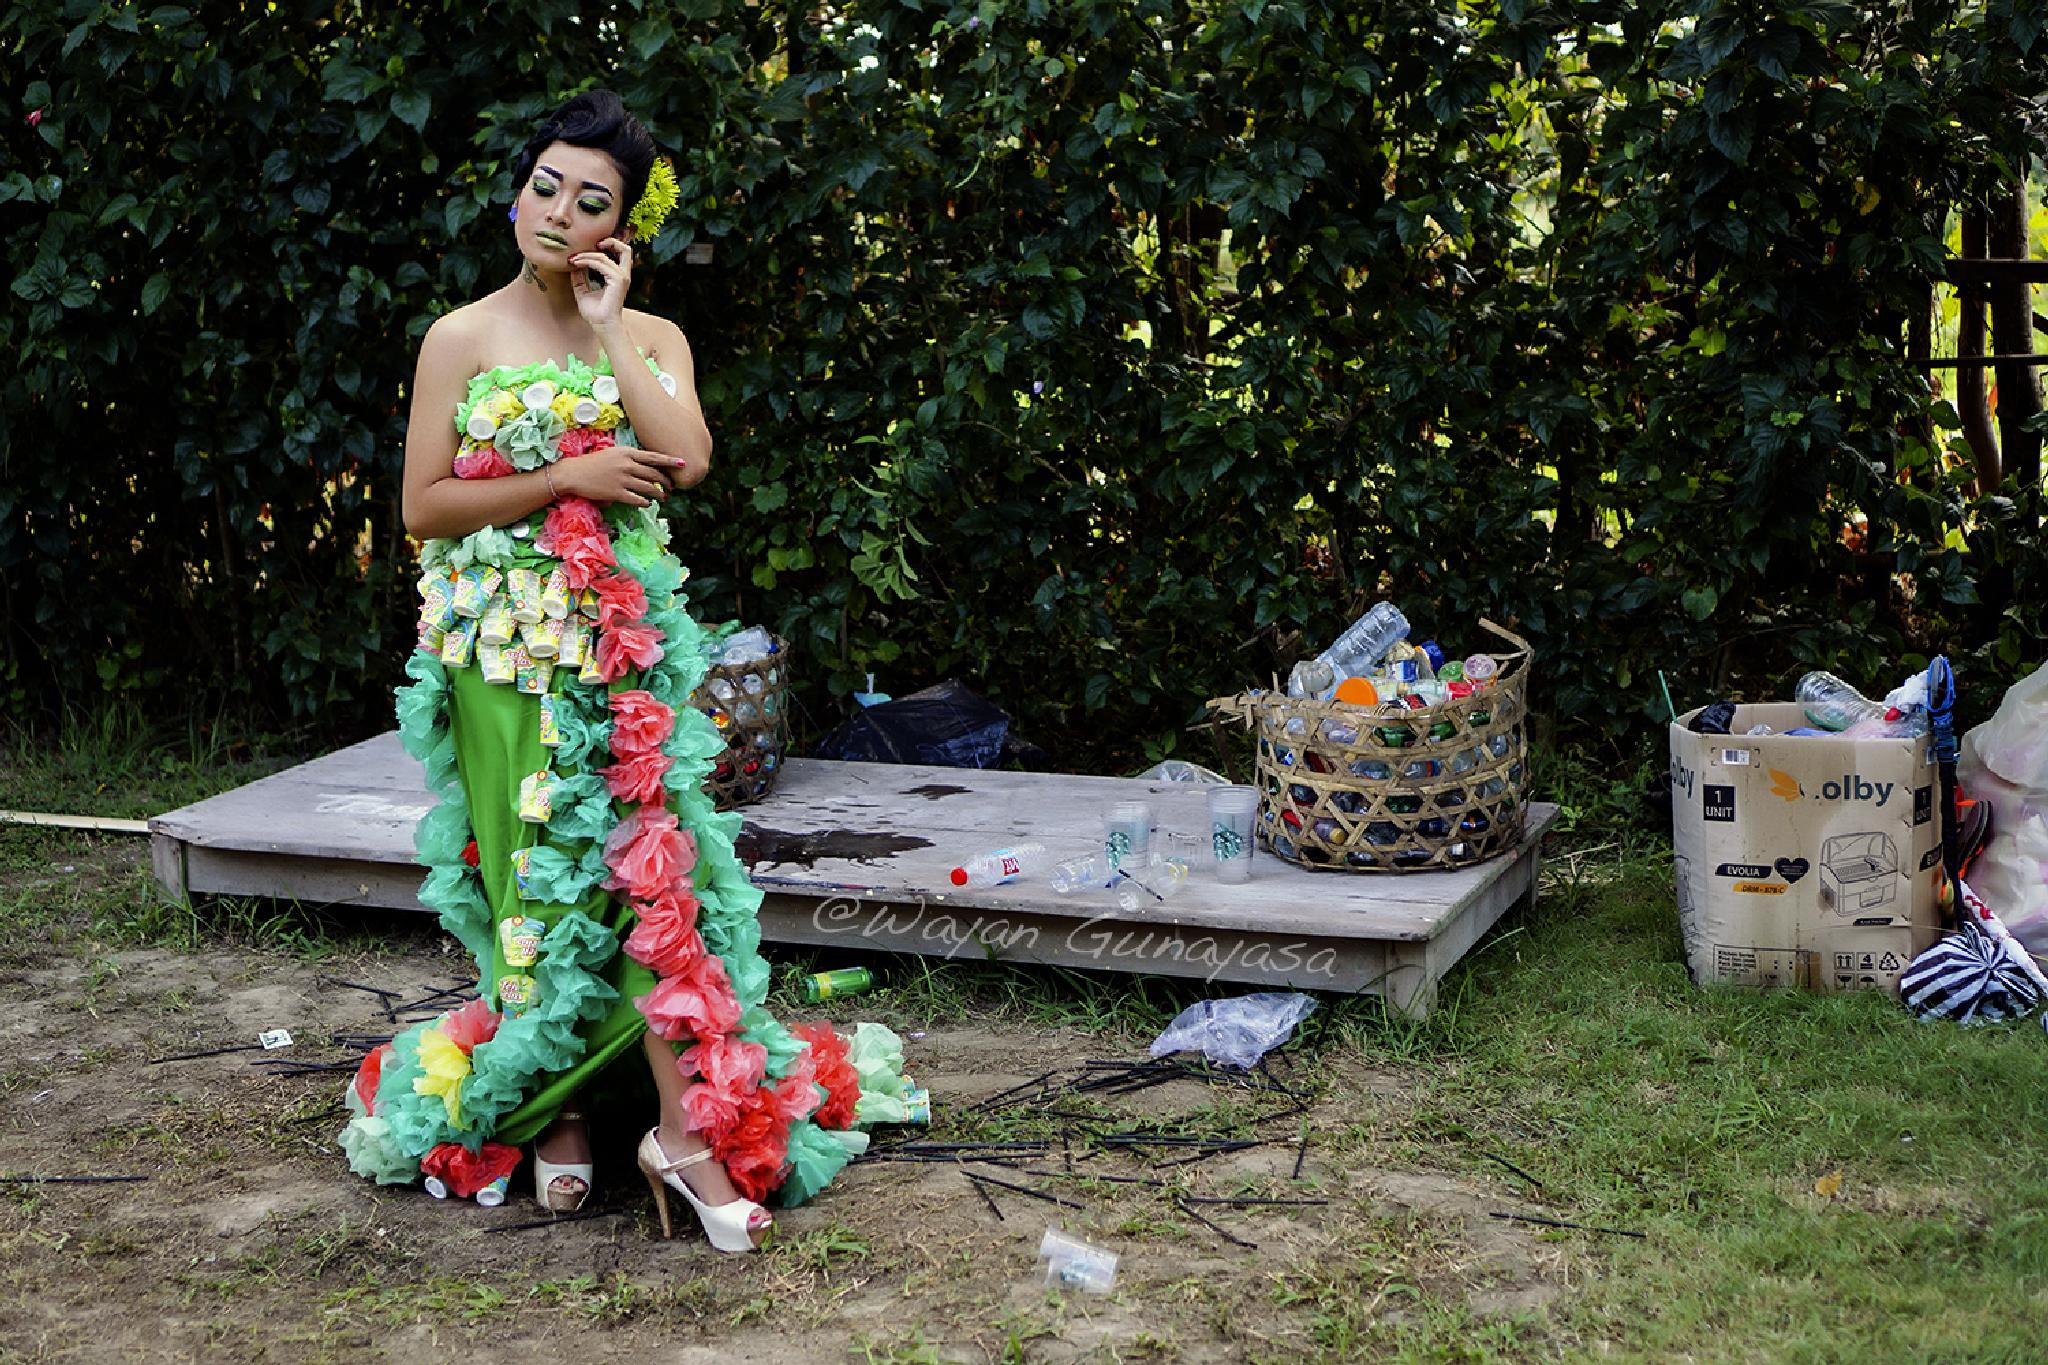 Recycling on beauty by yangunayasa63